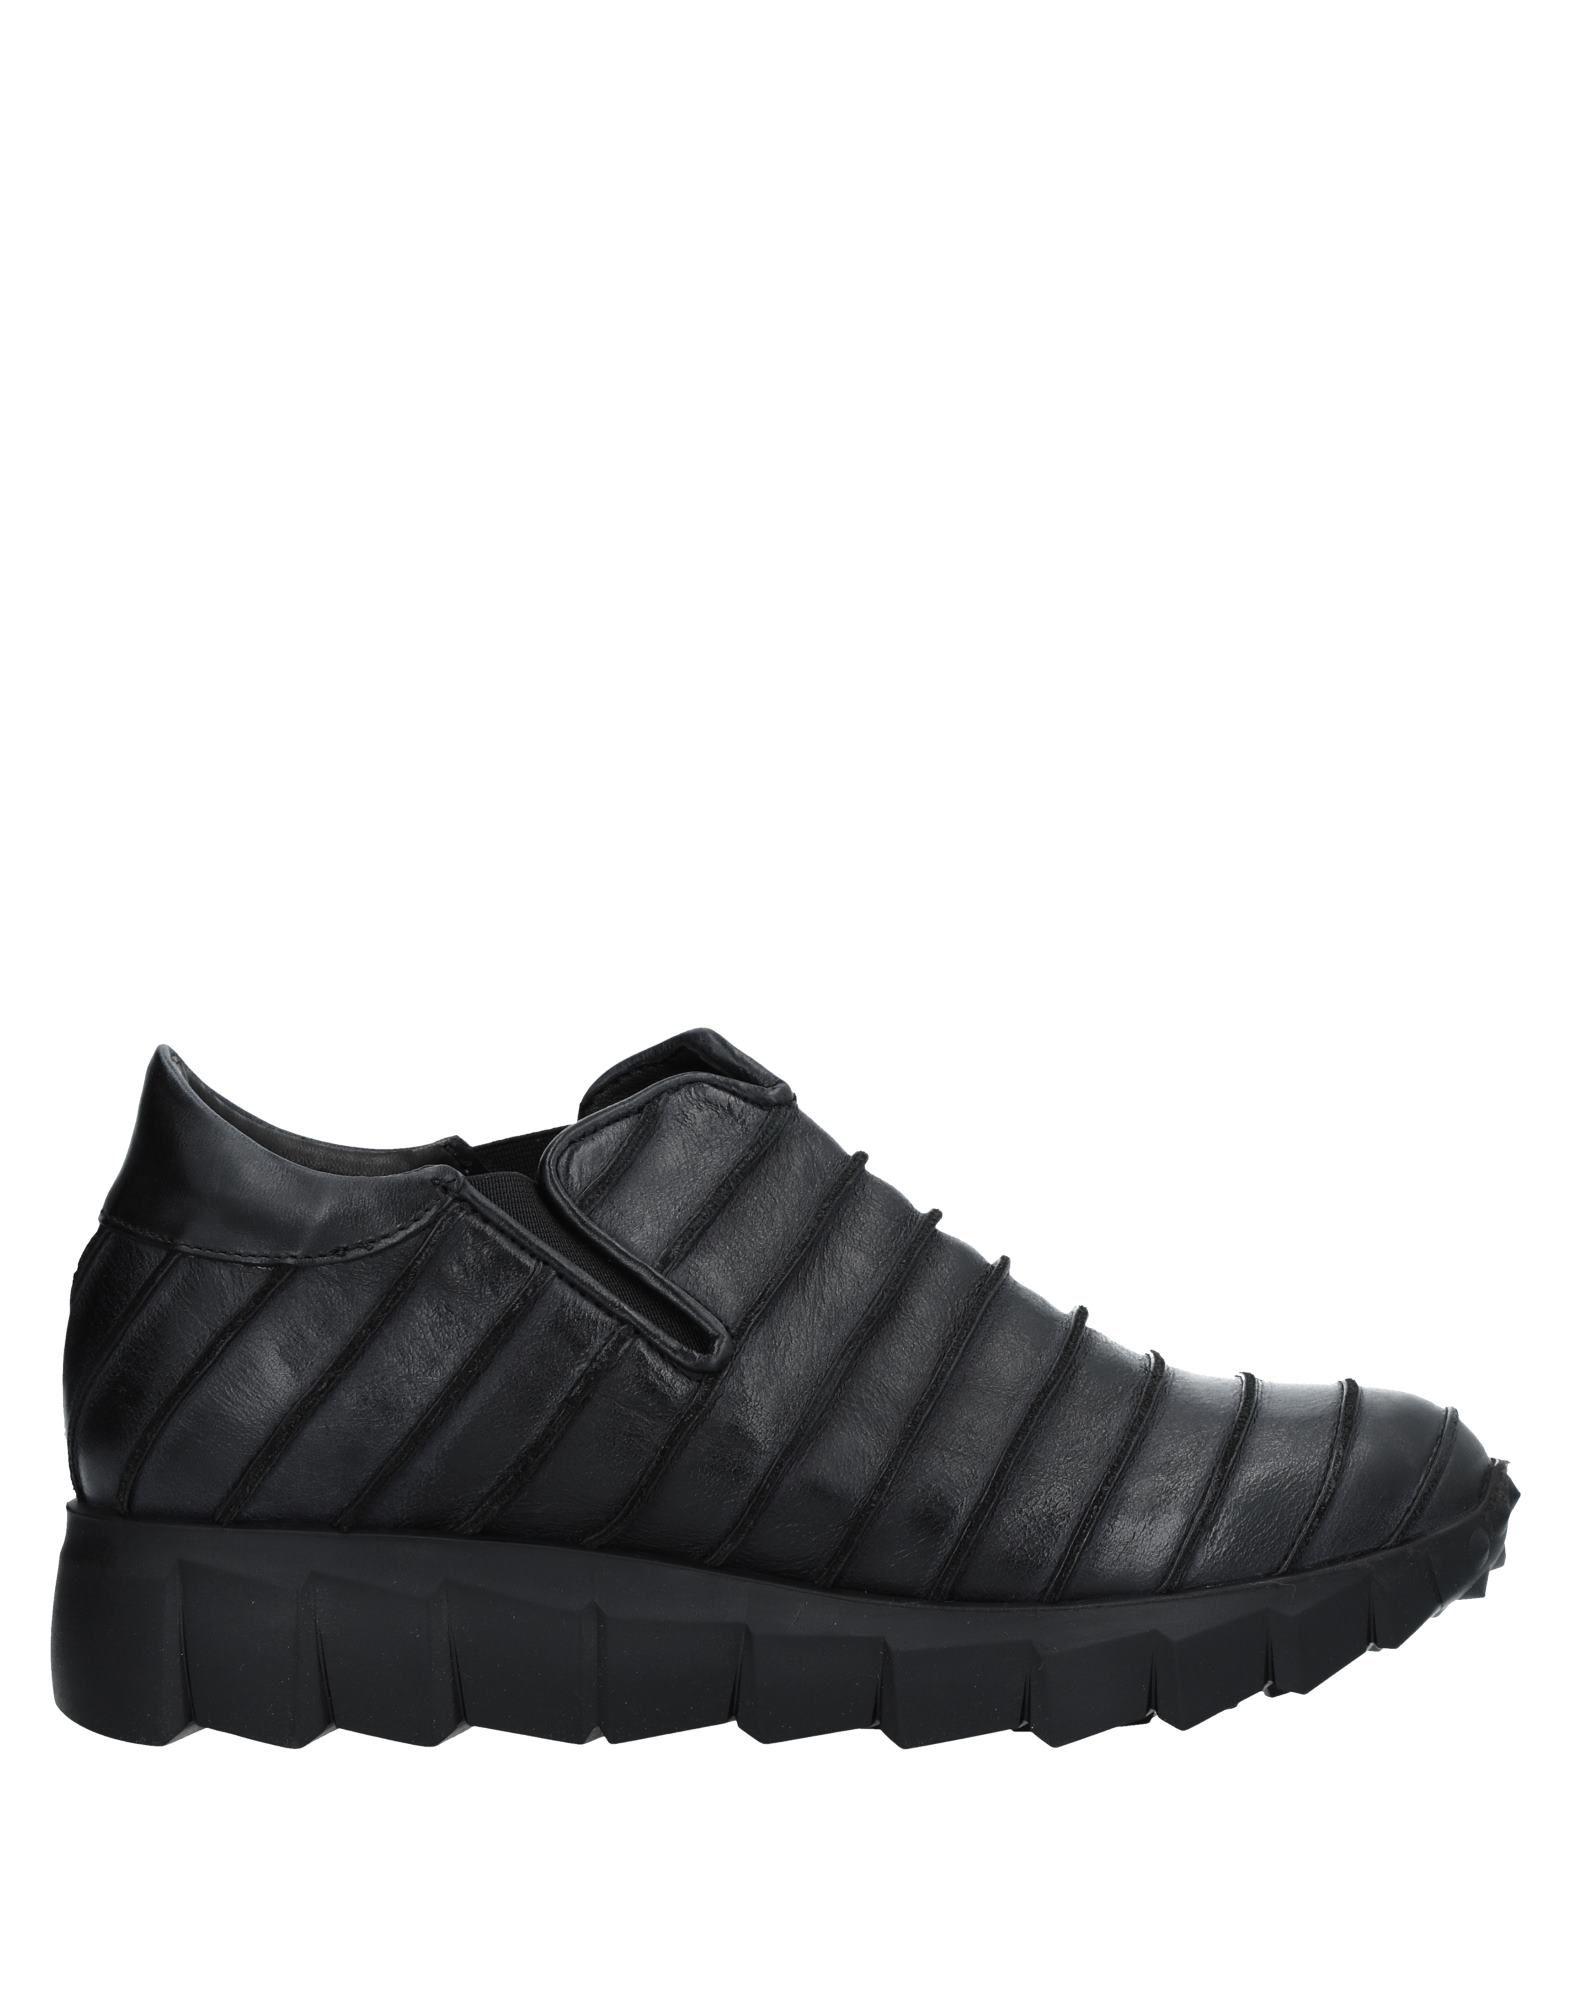 Andìa Fora Sneakers Damen  11530782XL Gute Qualität beliebte Schuhe